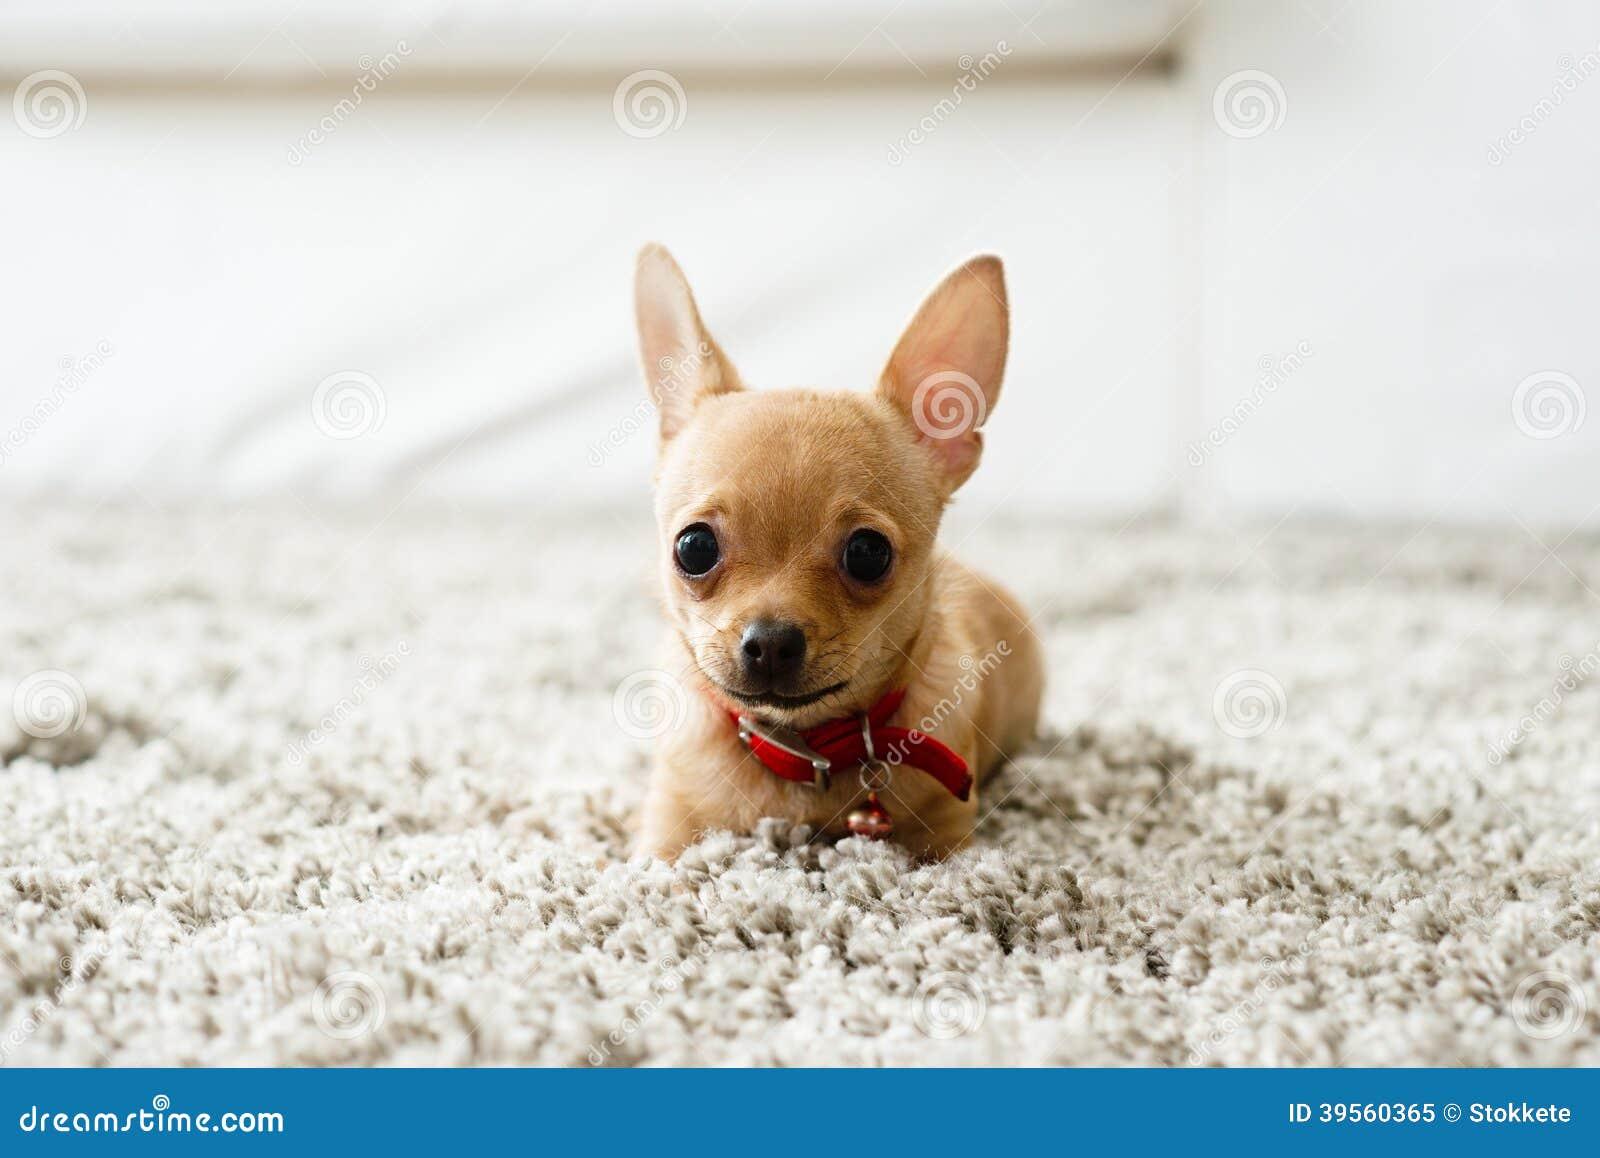 奇瓦瓦狗在客厅